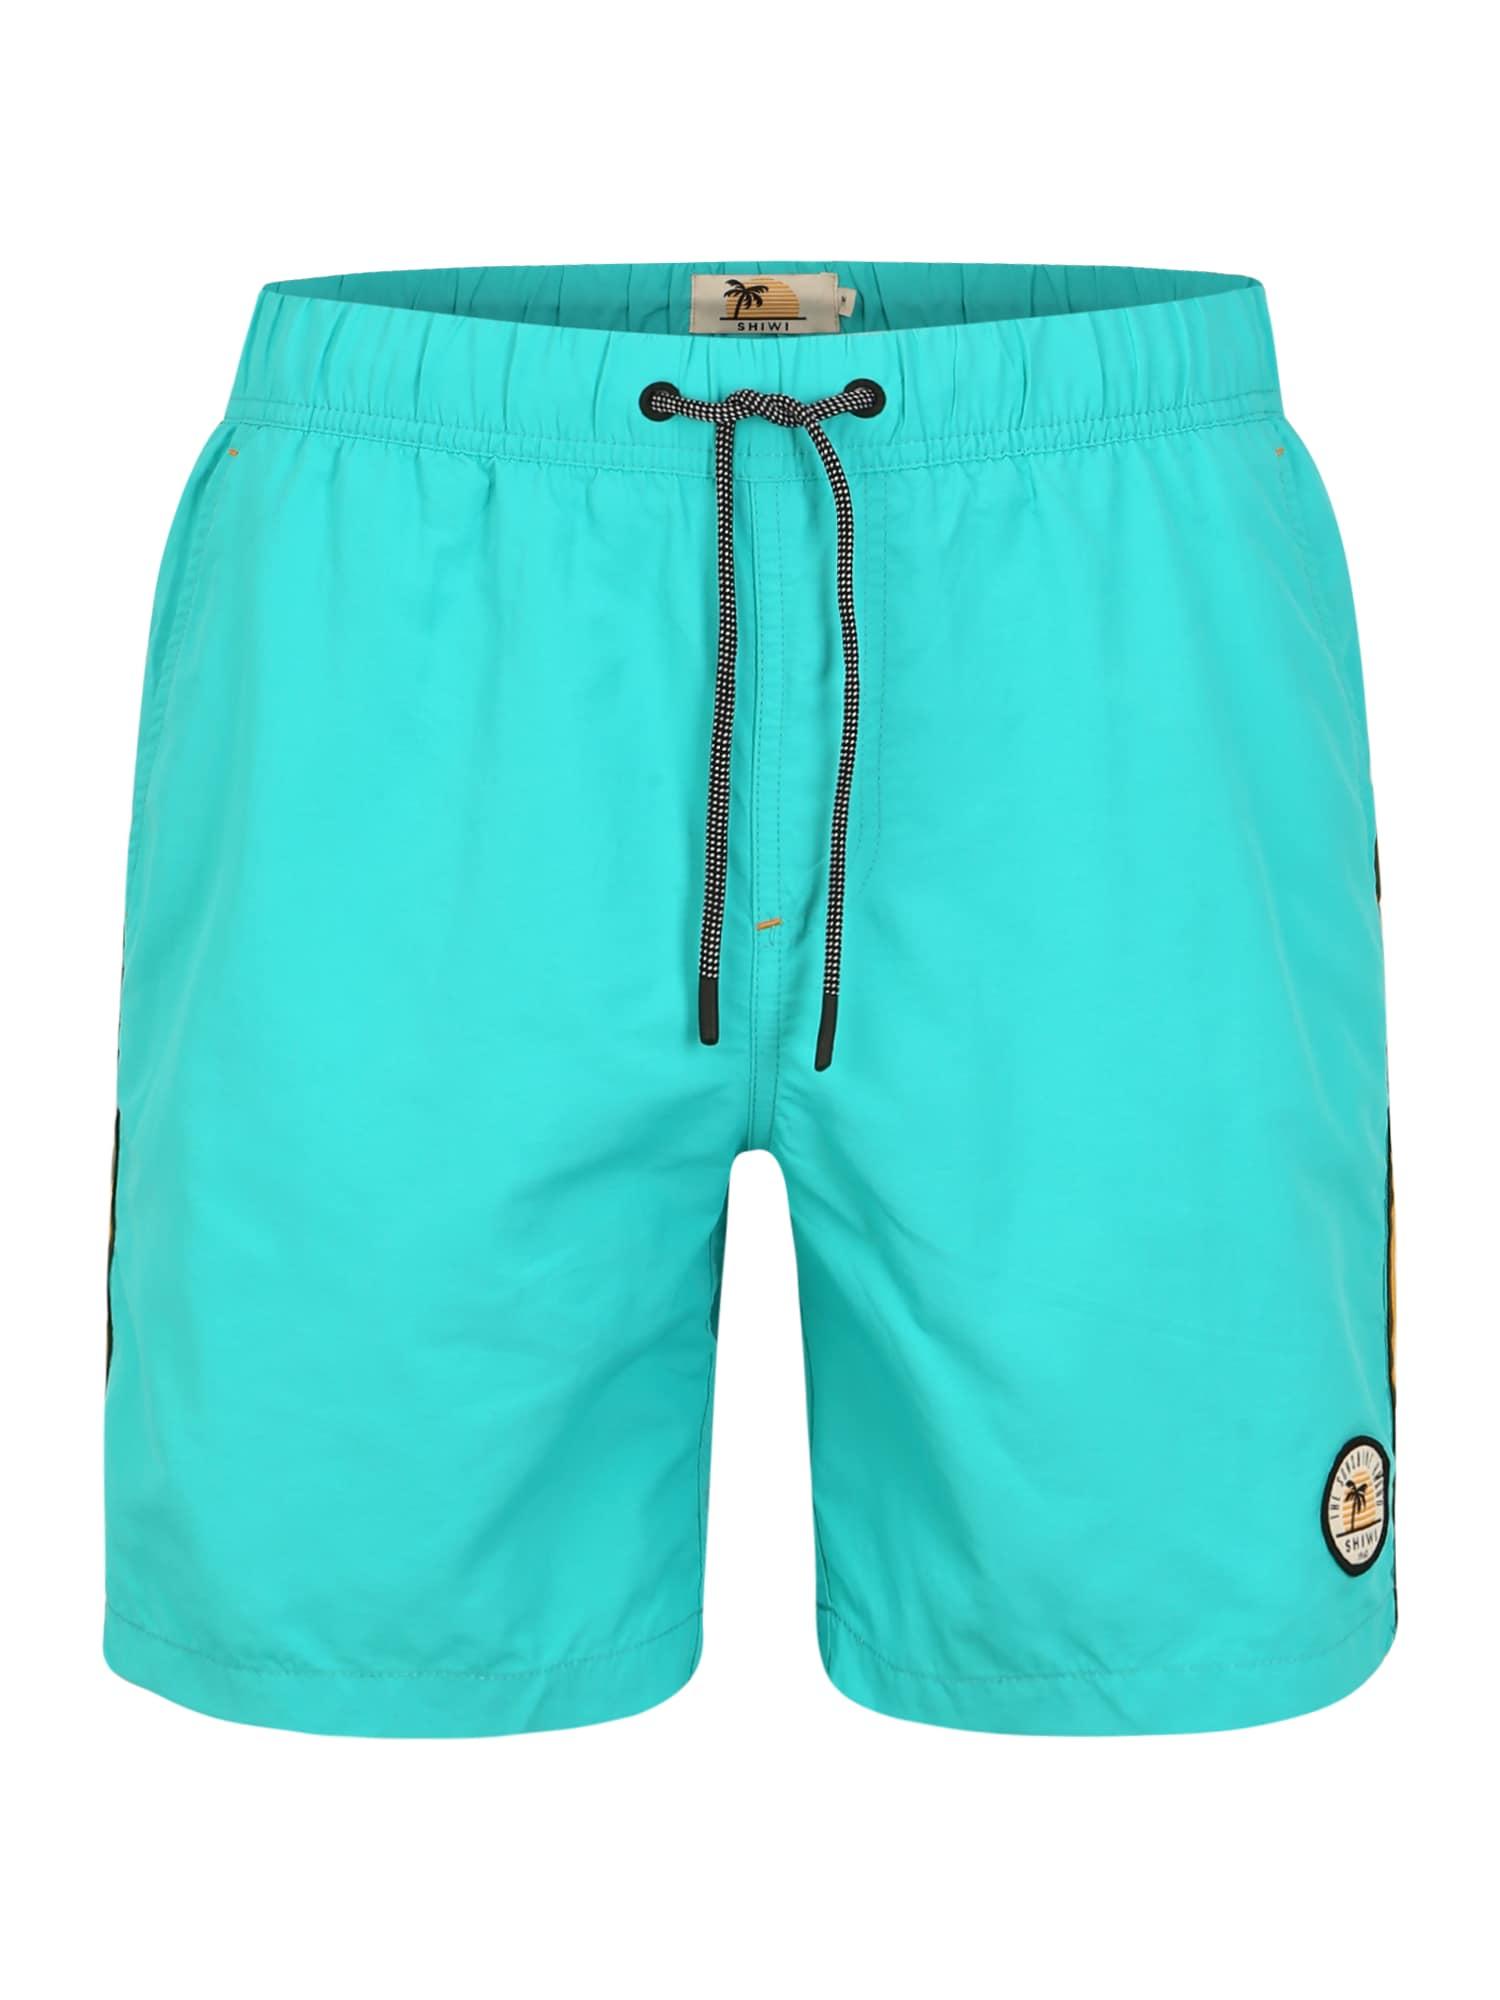 Shiwi Plavecké šortky  tyrkysová